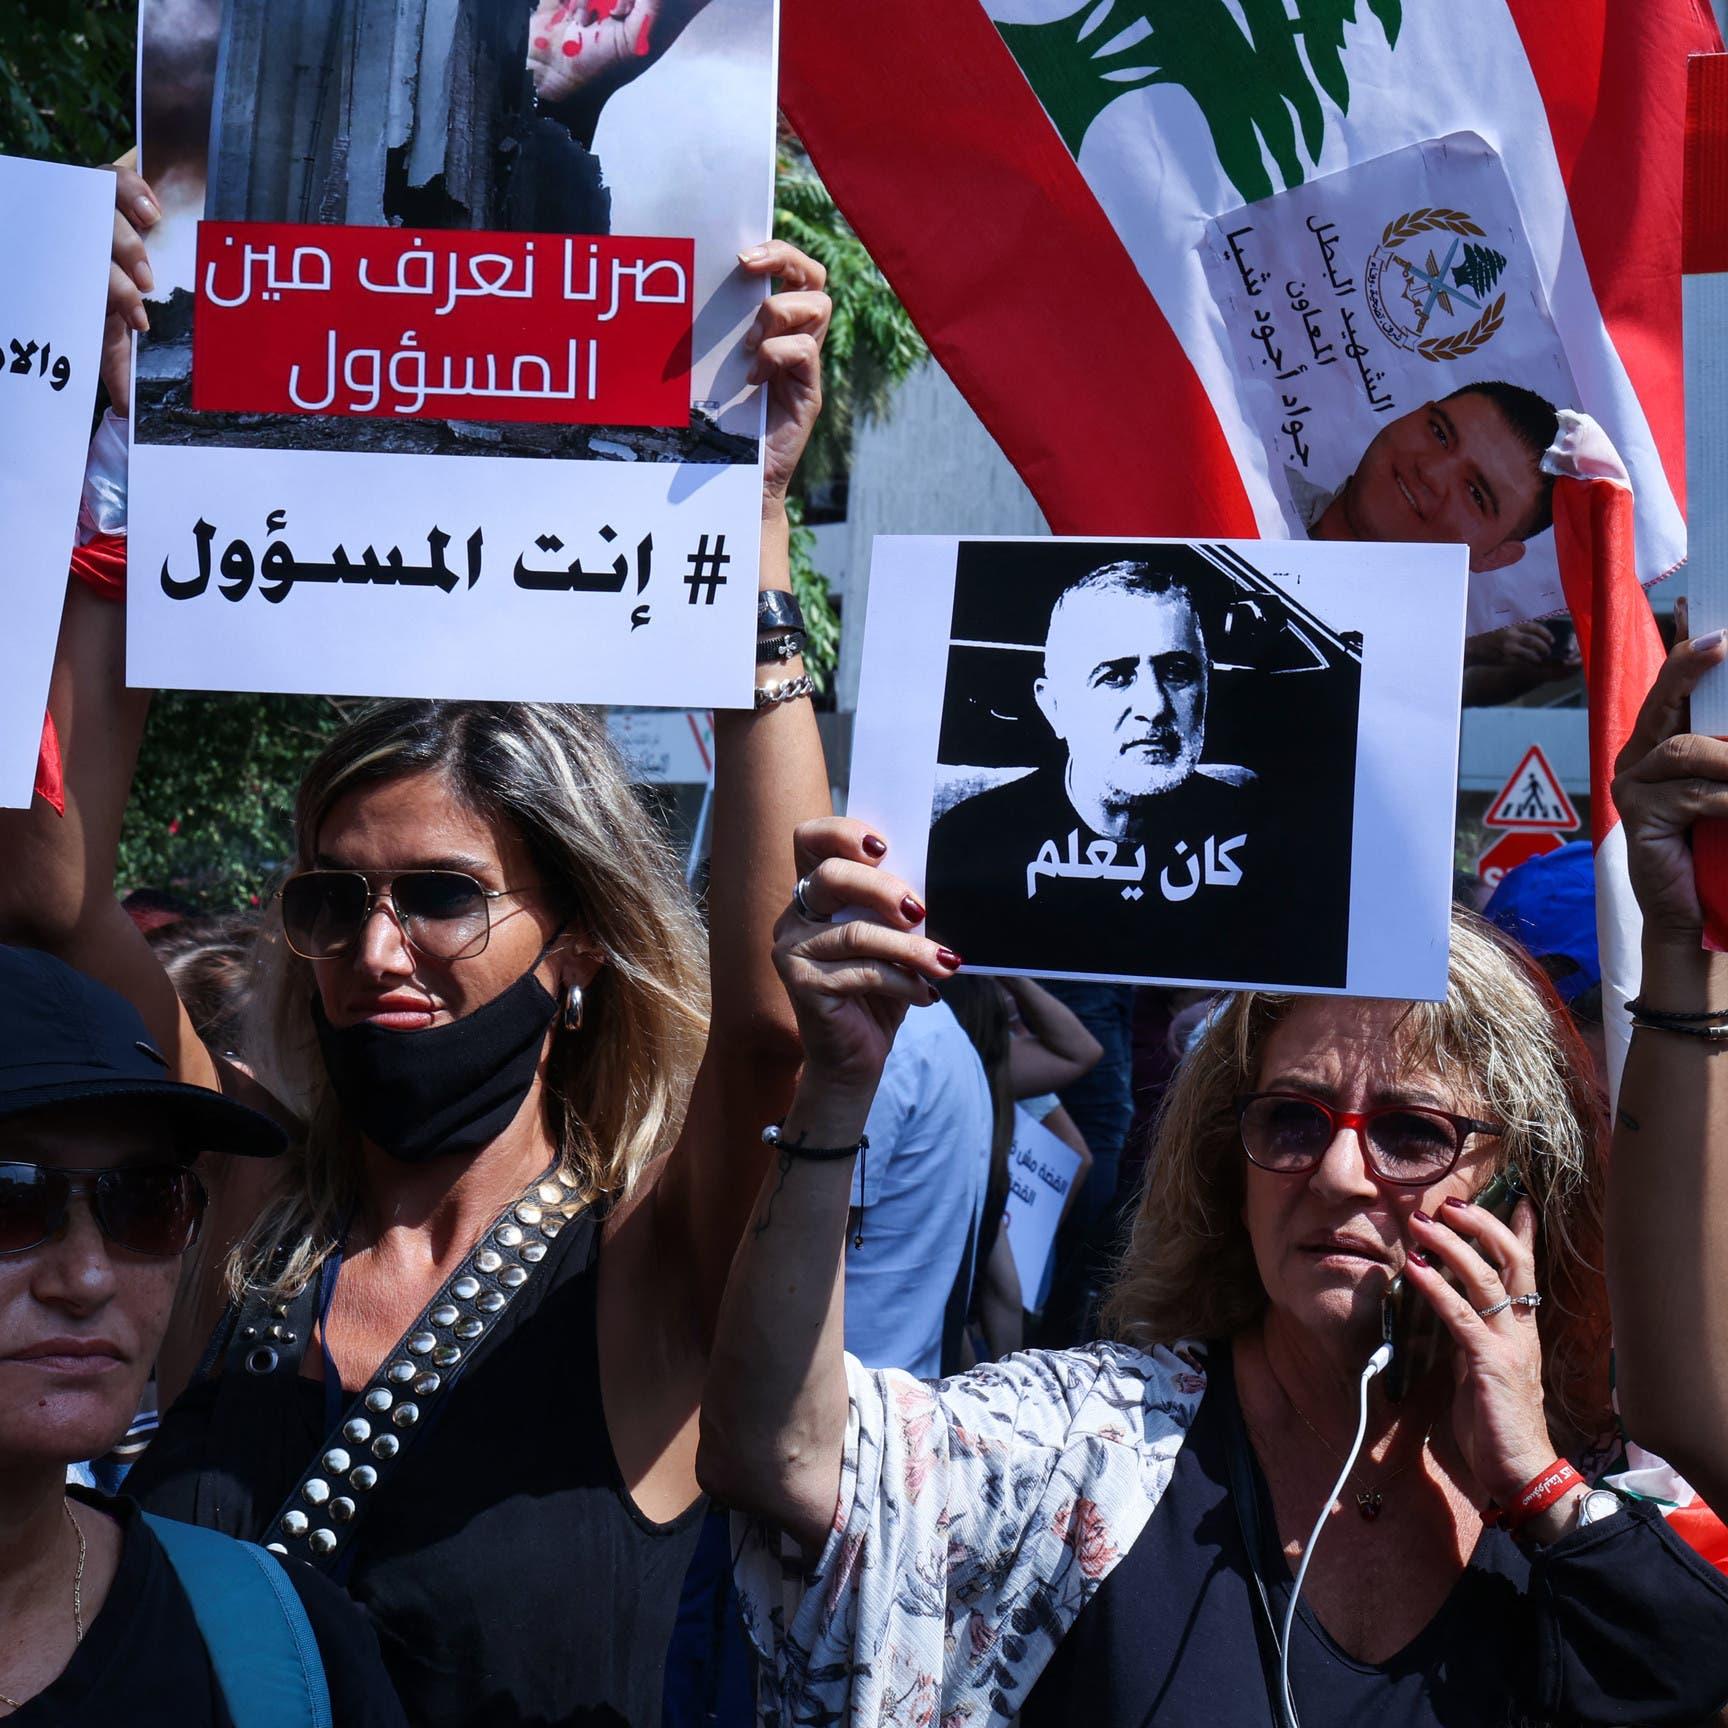 تحقيق مرفأ بيروت.. ماذا حل بتهديد حزب الله للقاضي؟